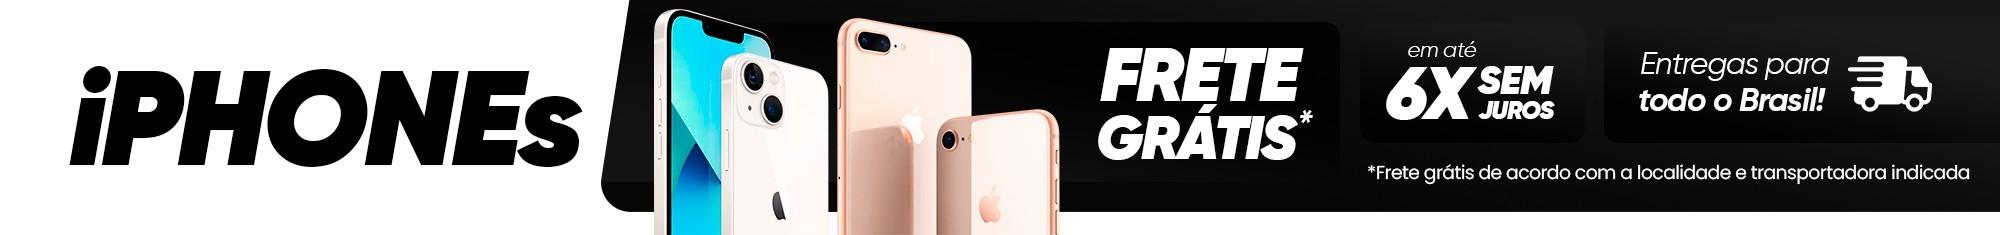 iPhone Usado em Promoção - Melhor Preço